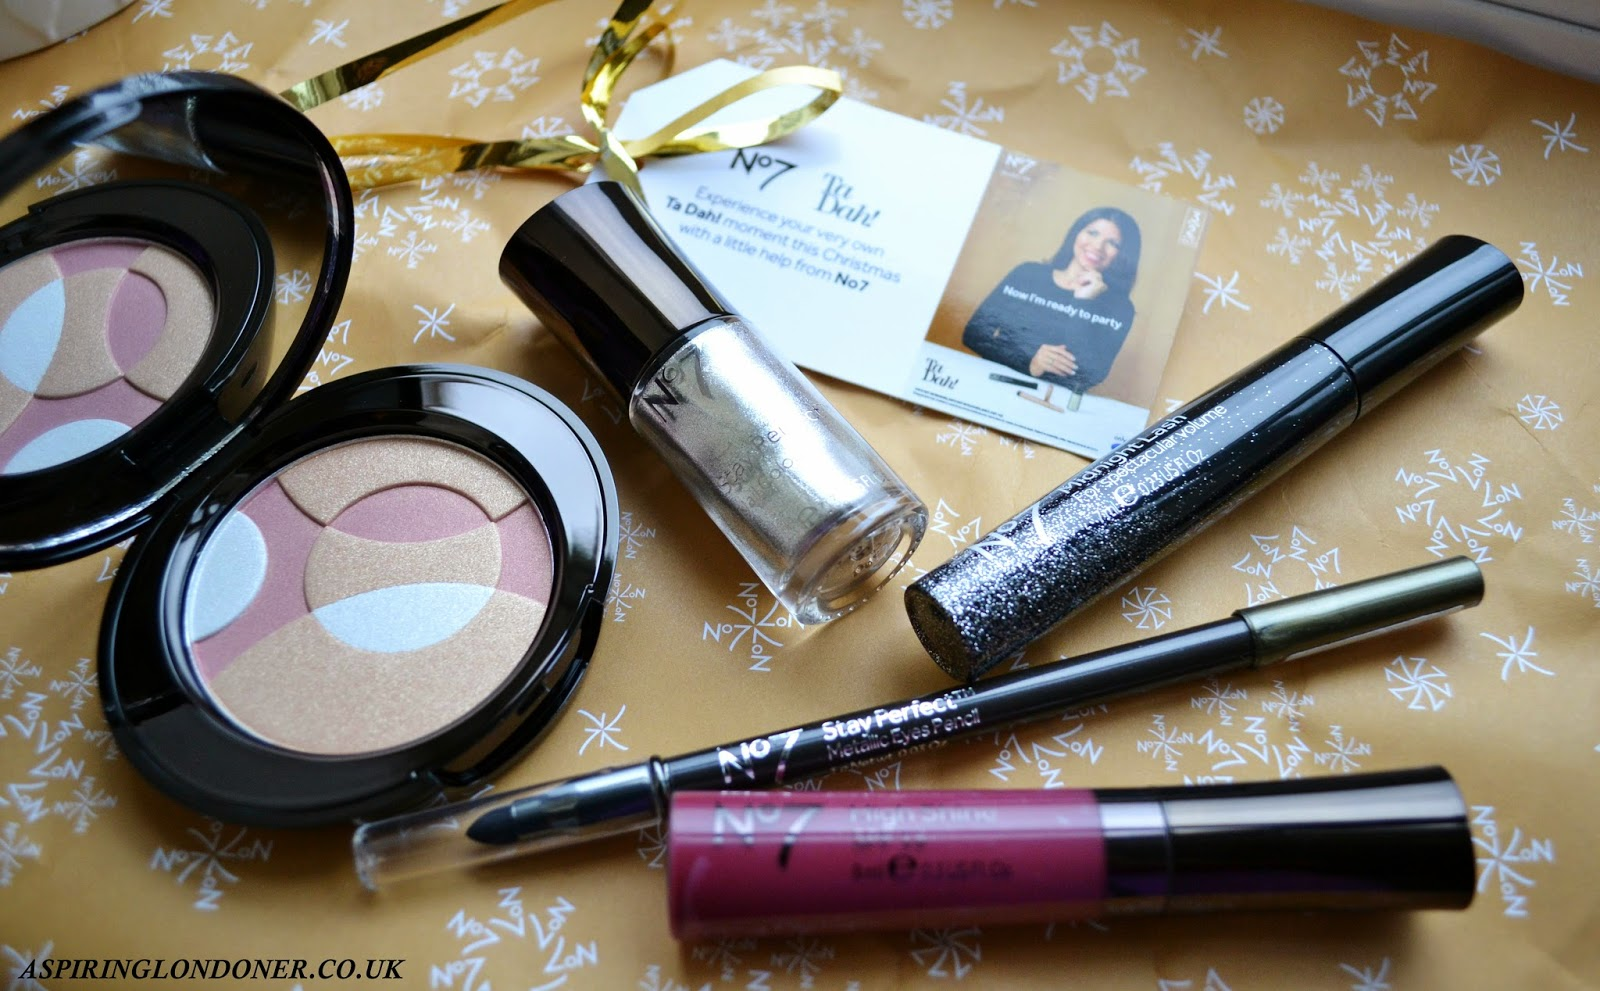 No7 Makeup Inspirations Get The Look Sensational Party Sparkle #TaDah - Aspiring Londoner